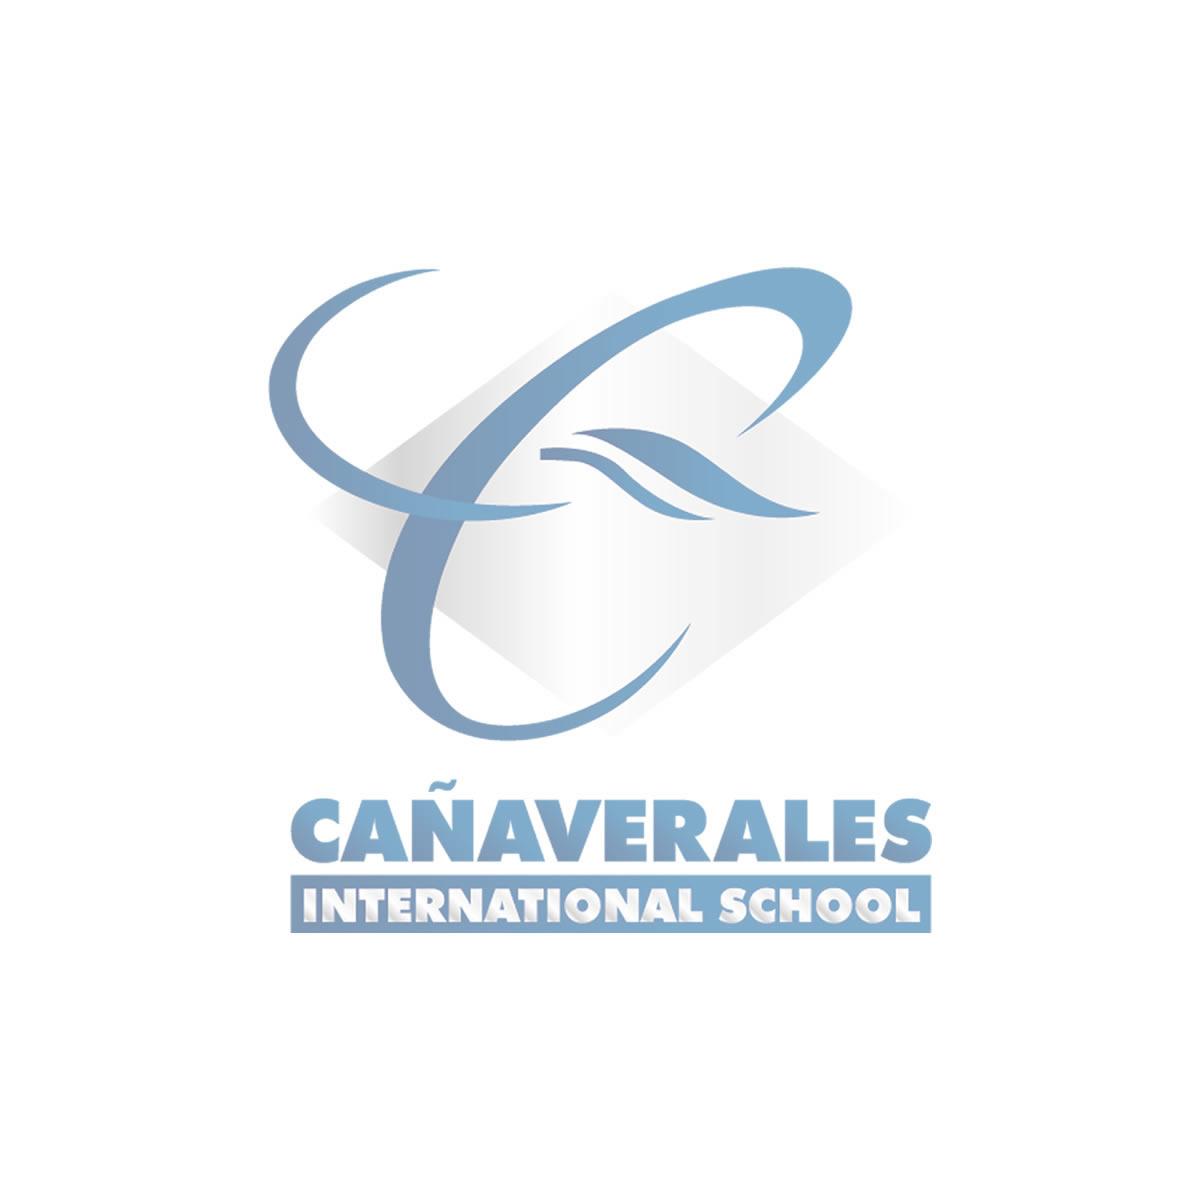 Cañaveral Internacional School